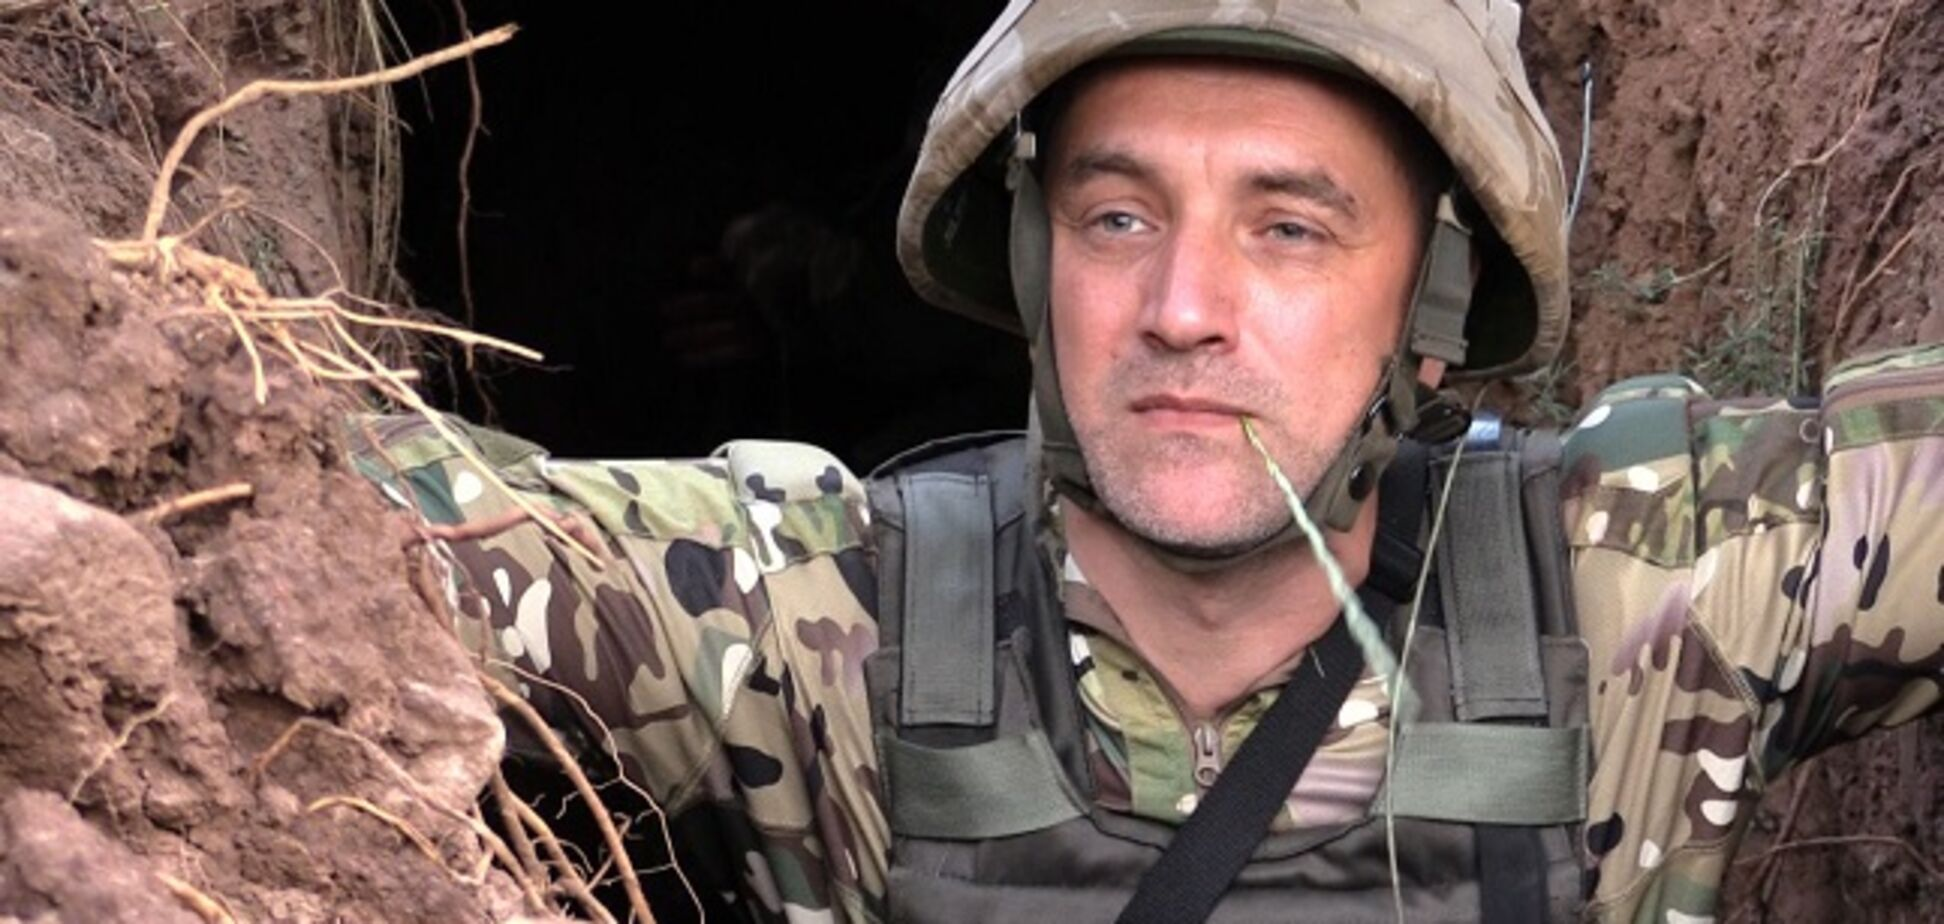 Уйти пришлось: экс-главарь 'ДНР' признался, почему сбежал из Украины